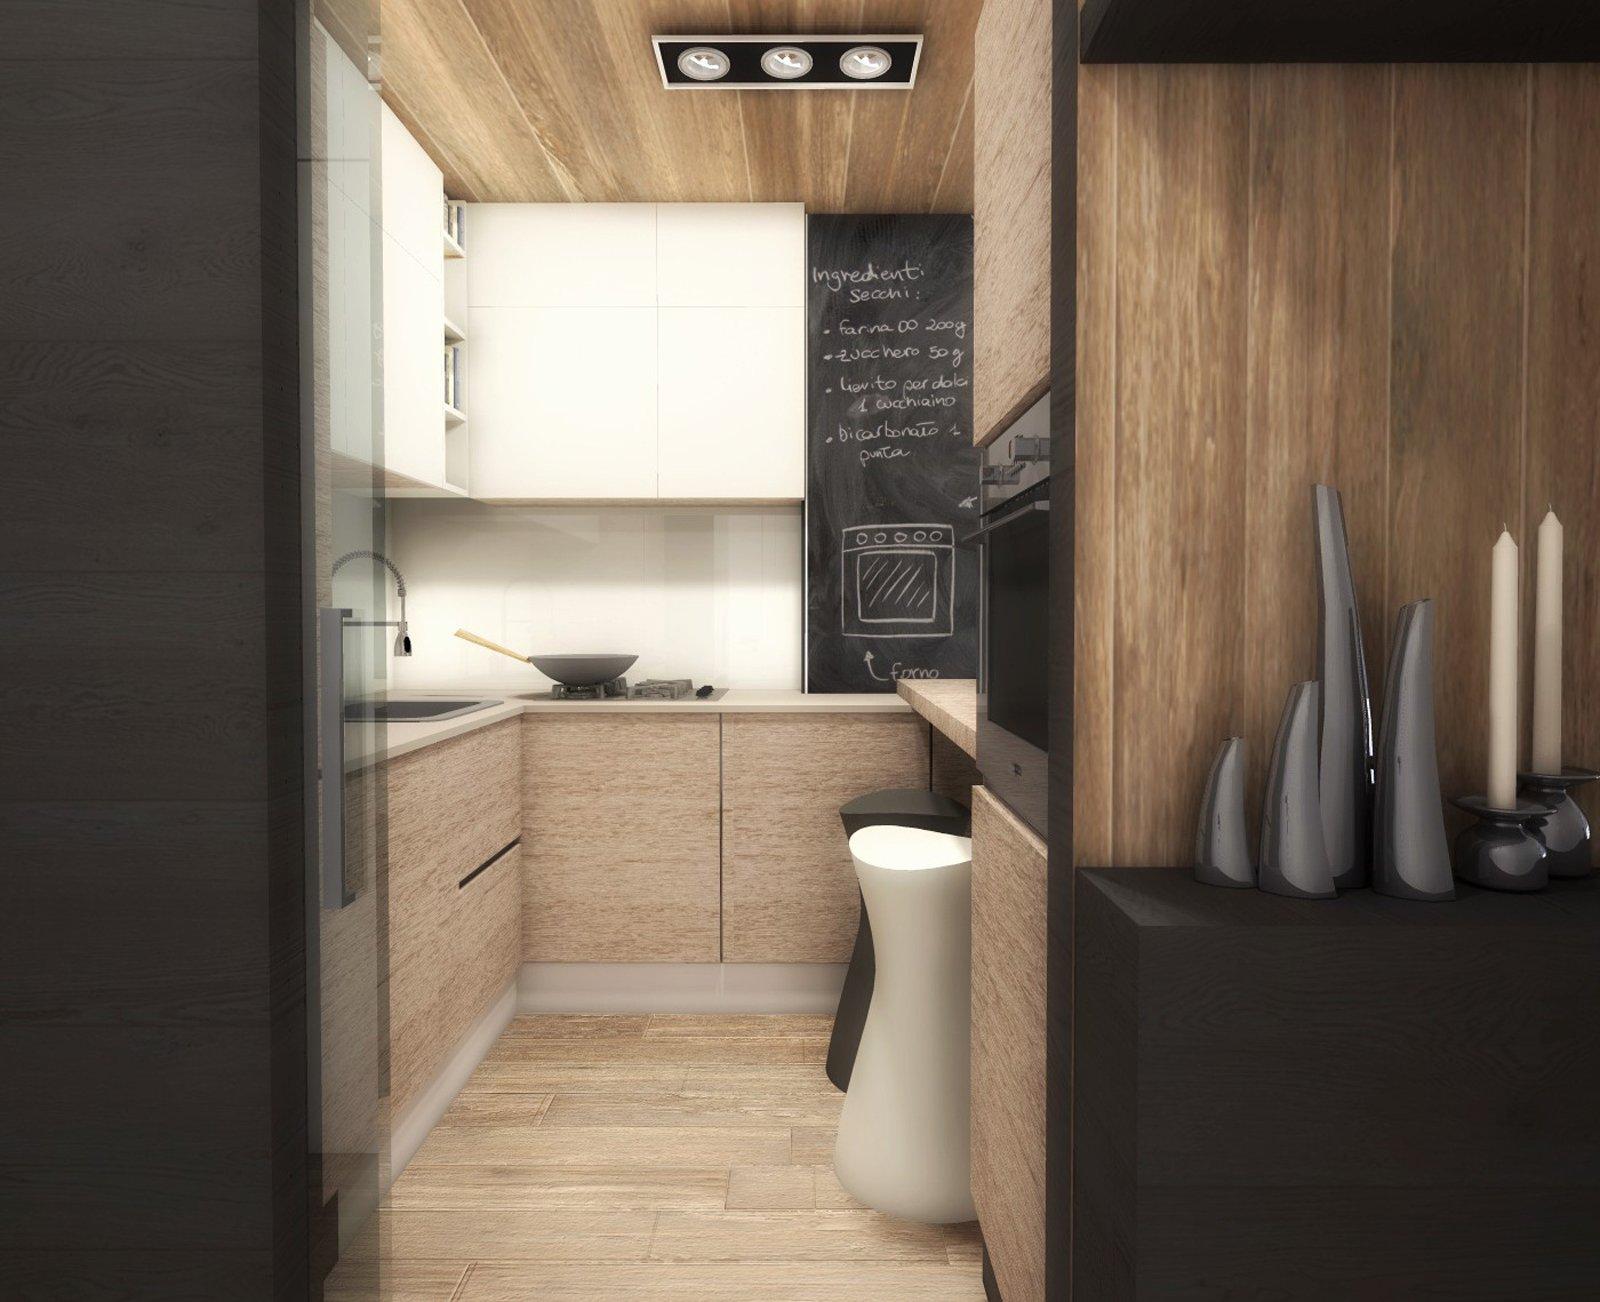 Ricavare la cucina nel soggiorno con una chiusura parziale - Cose di Casa